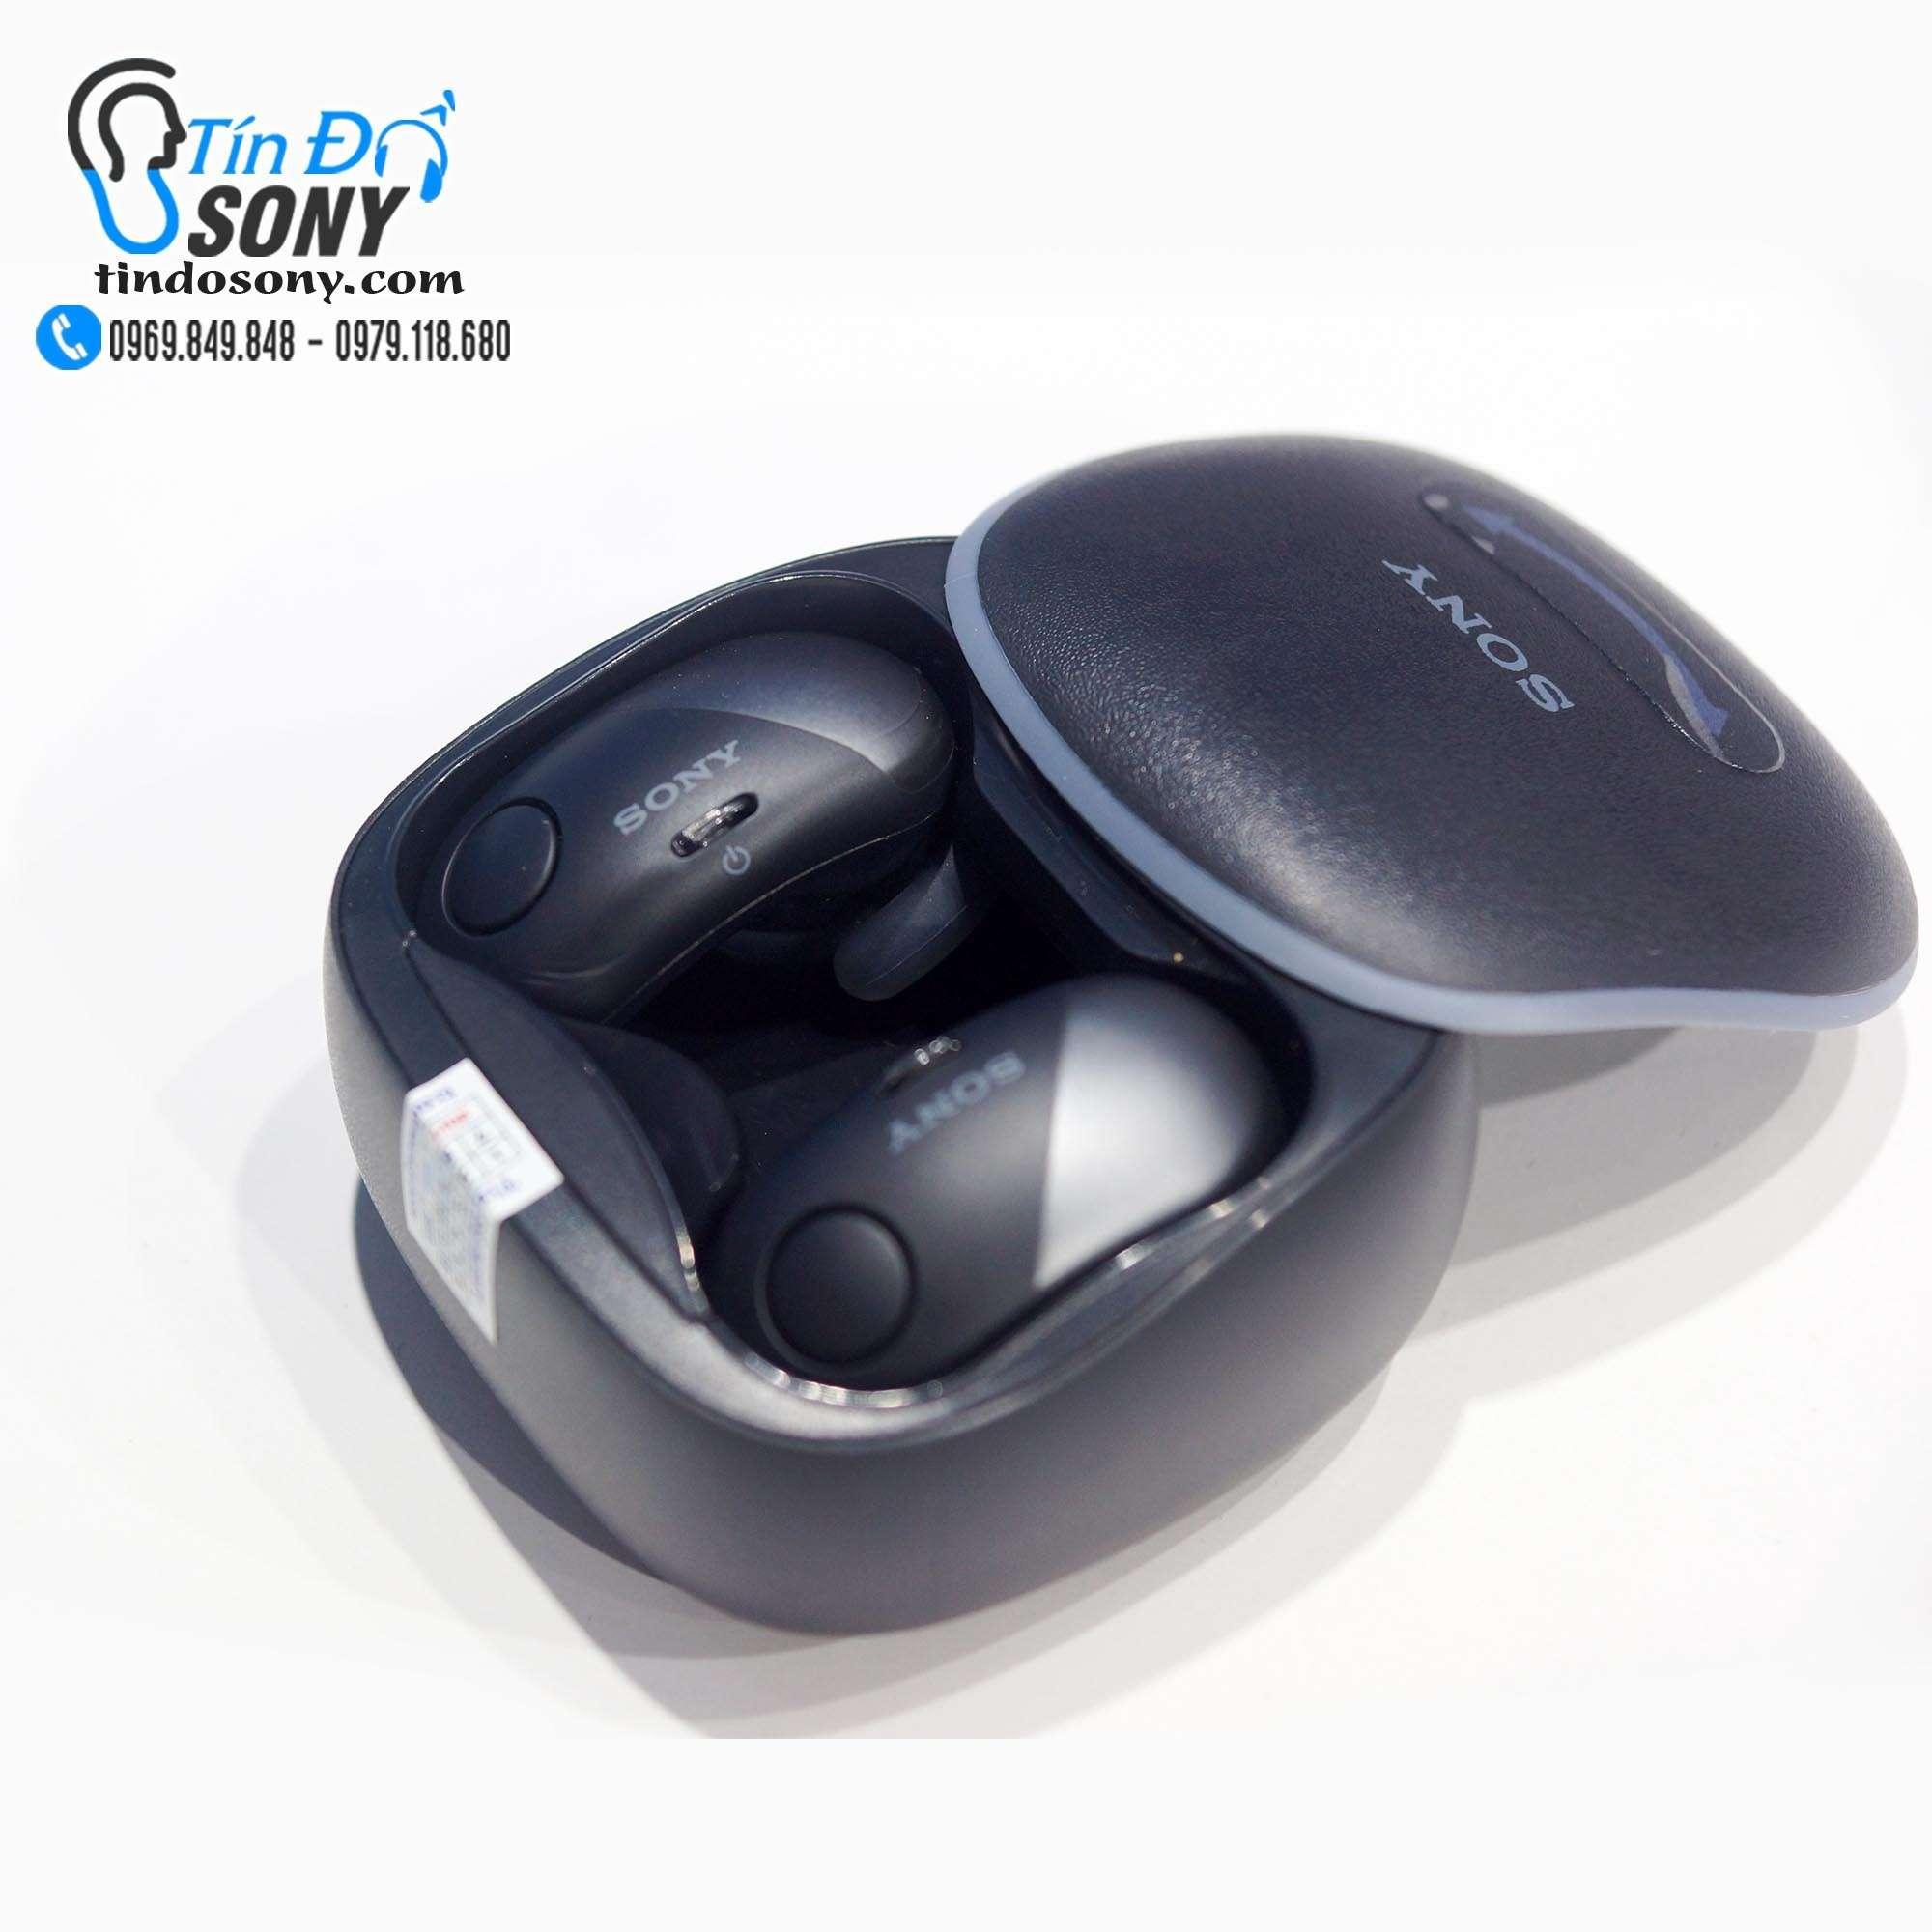 Tai nghe Sony WF-SP700N Black (Like New Ko Box)